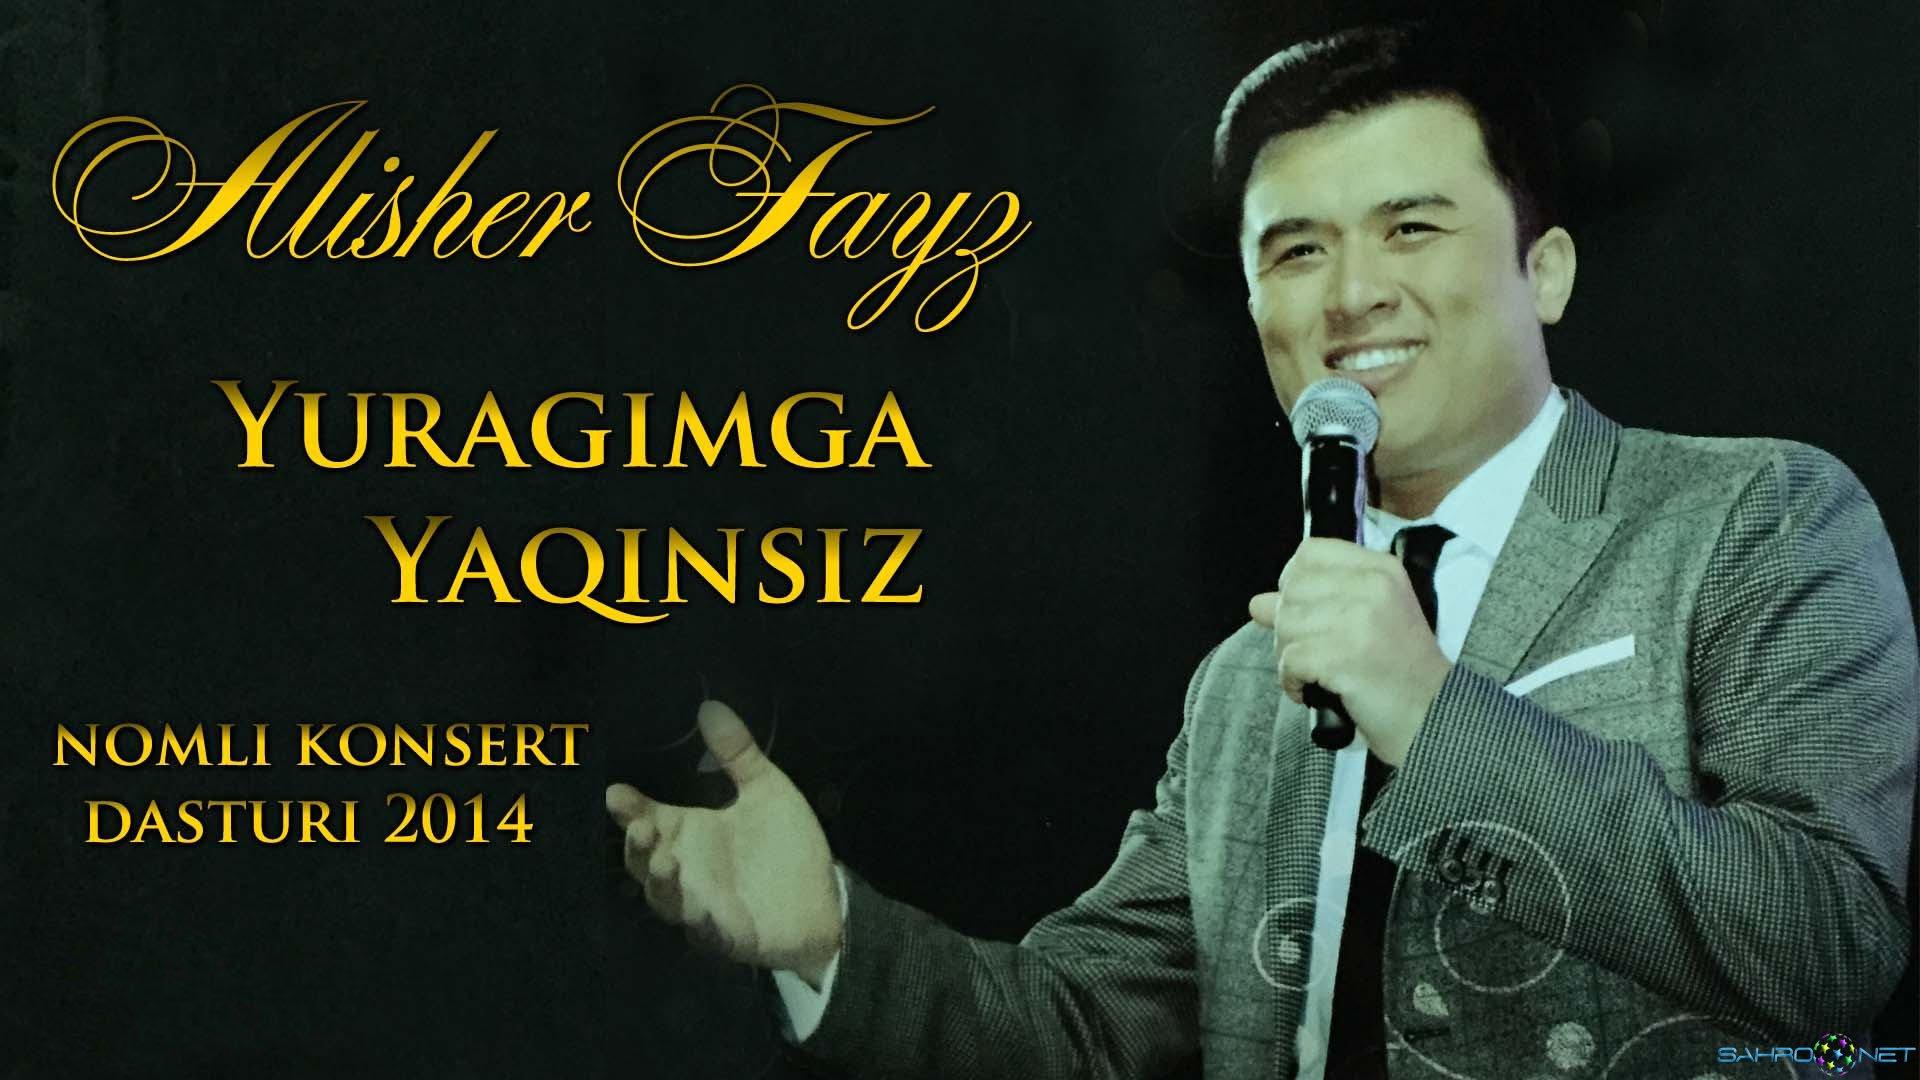 """Alisher Fayz - """"Yuragimga yaqinsiz"""" konsert dasturi 2014"""